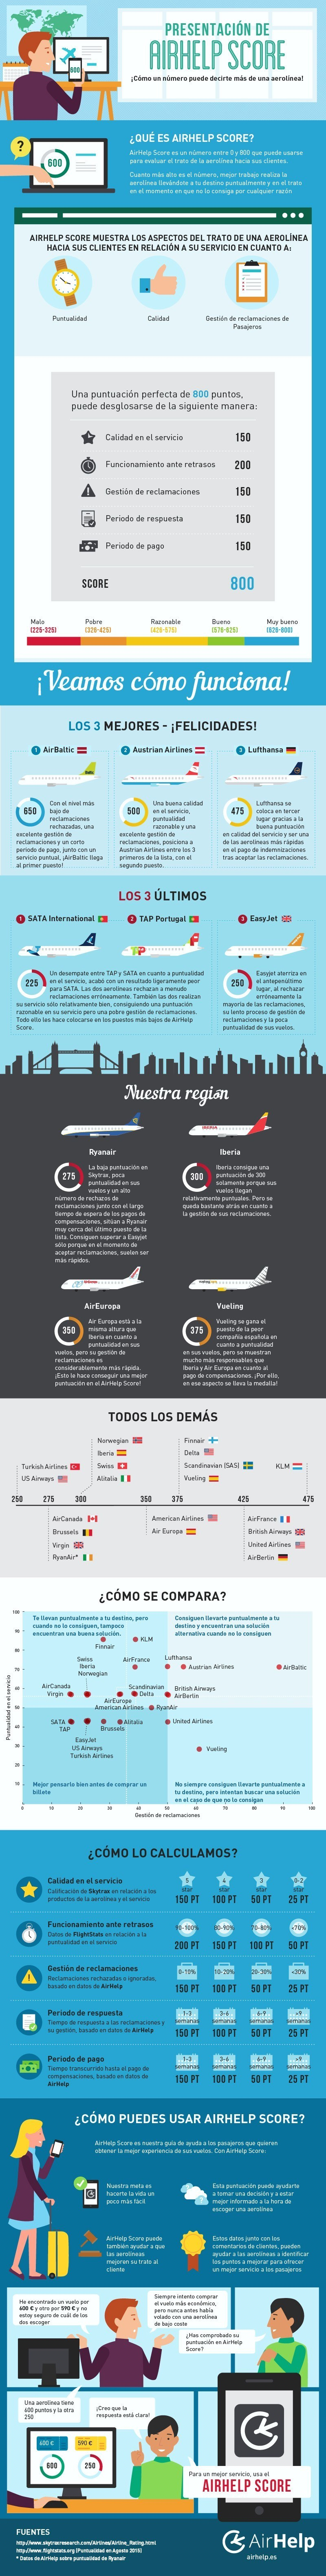 AieHelp infographic